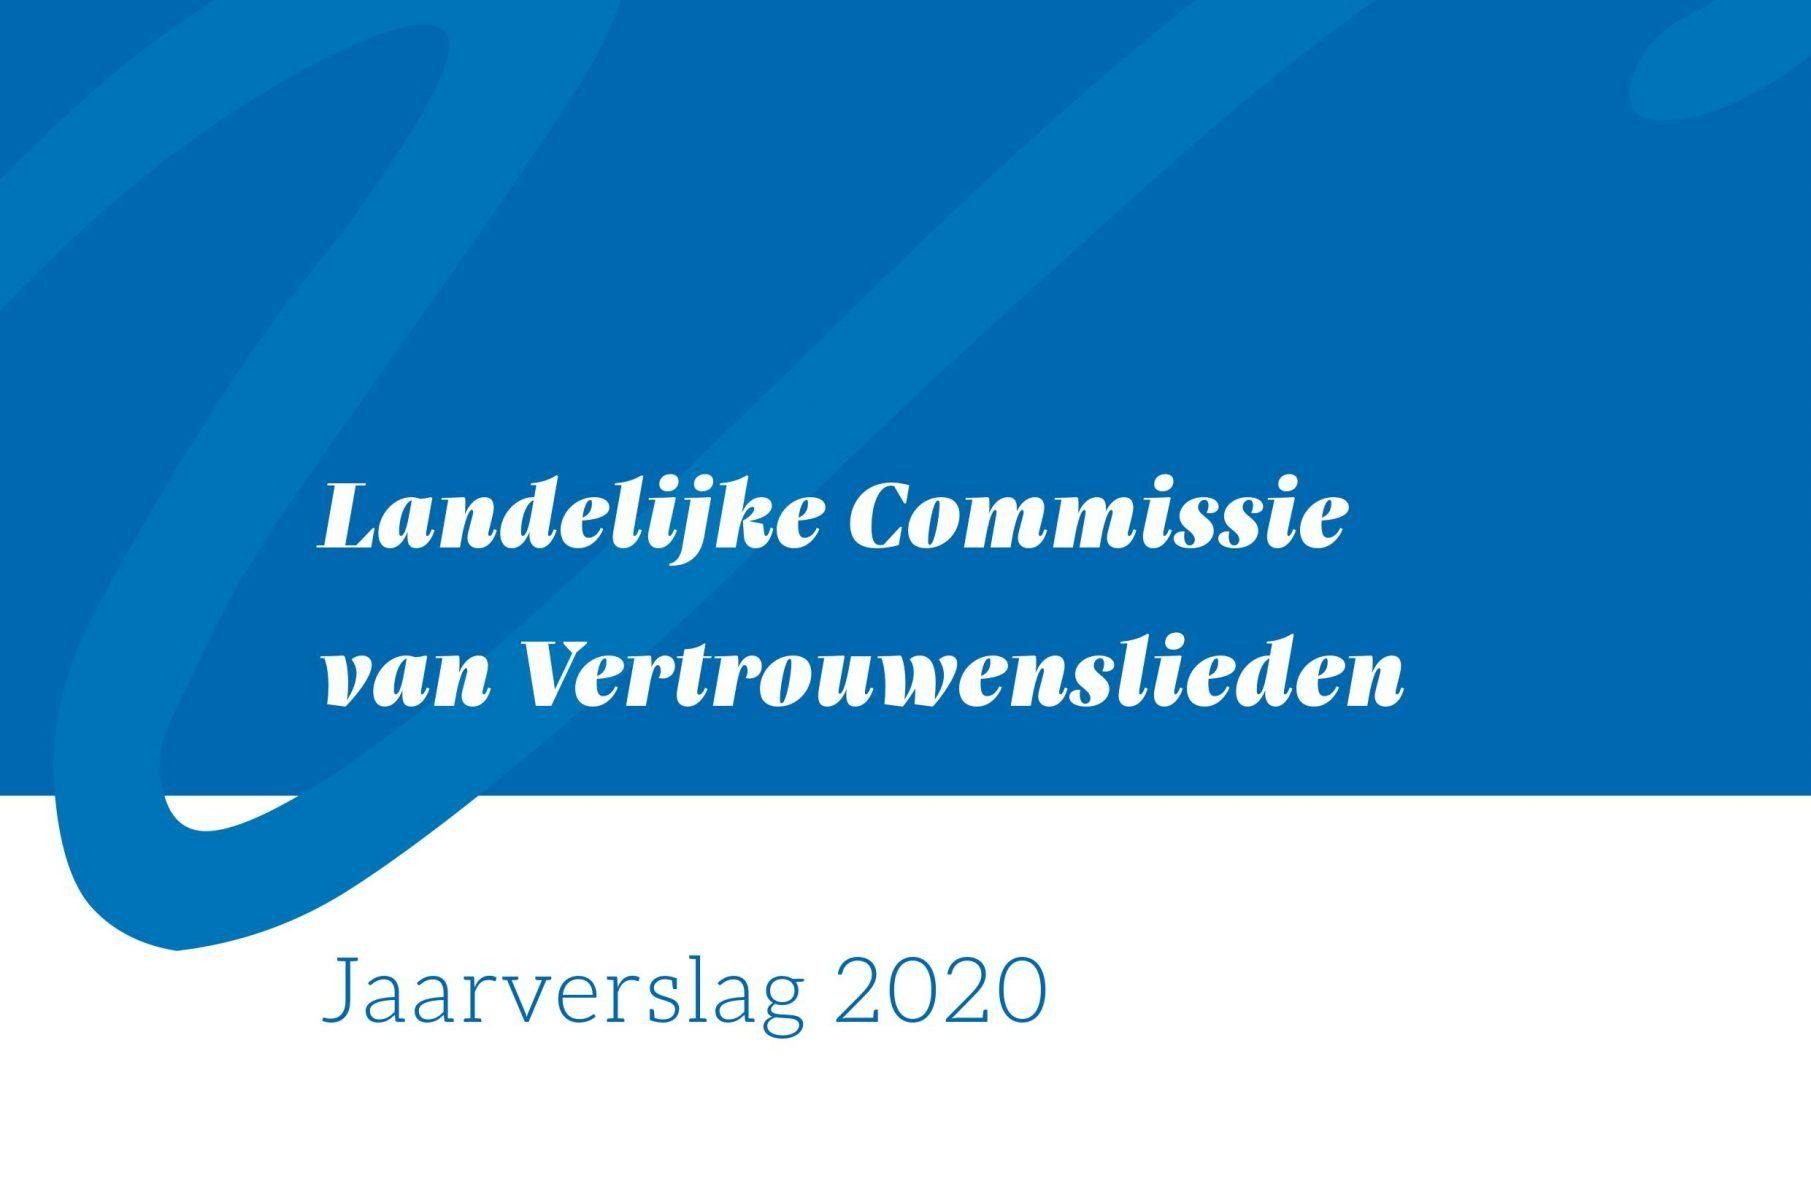 Jaarverslag Landelijke Commissie van Vertrouwenslieden